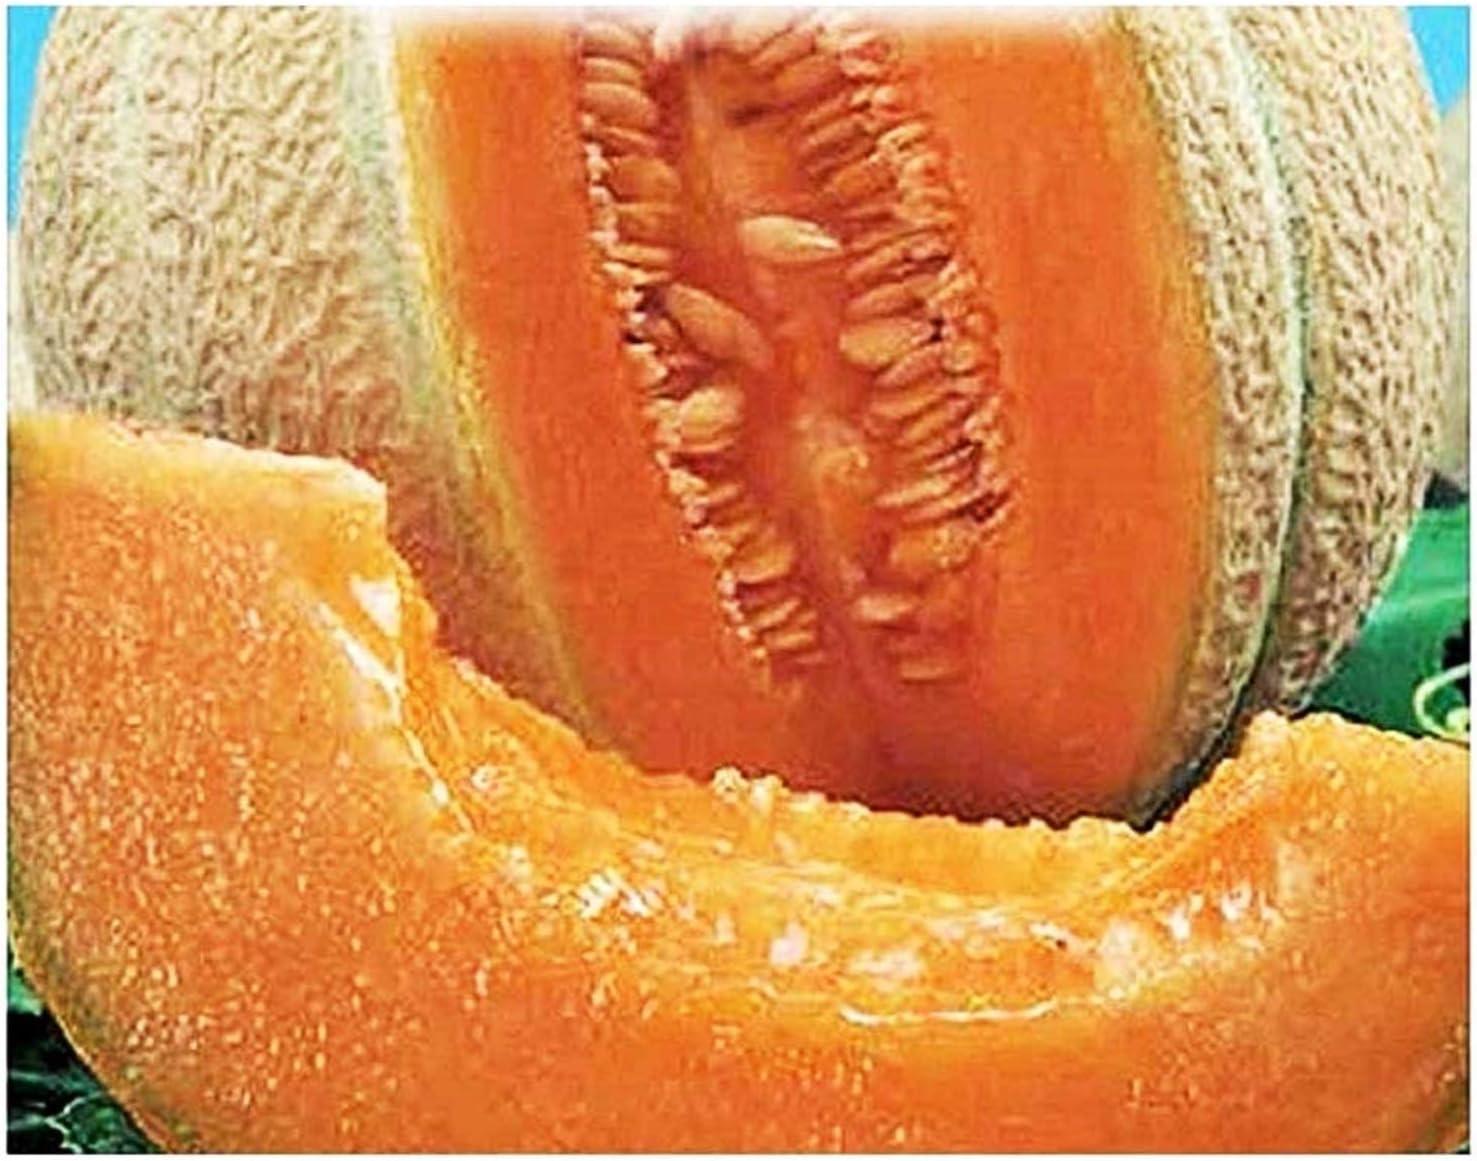 Semillas de melón de marca superior - verduras - cucumis melo - aproximadamente 150 semillas - las mejores semillas de plantas - flores - frutas raras - melones - idea de regalo -